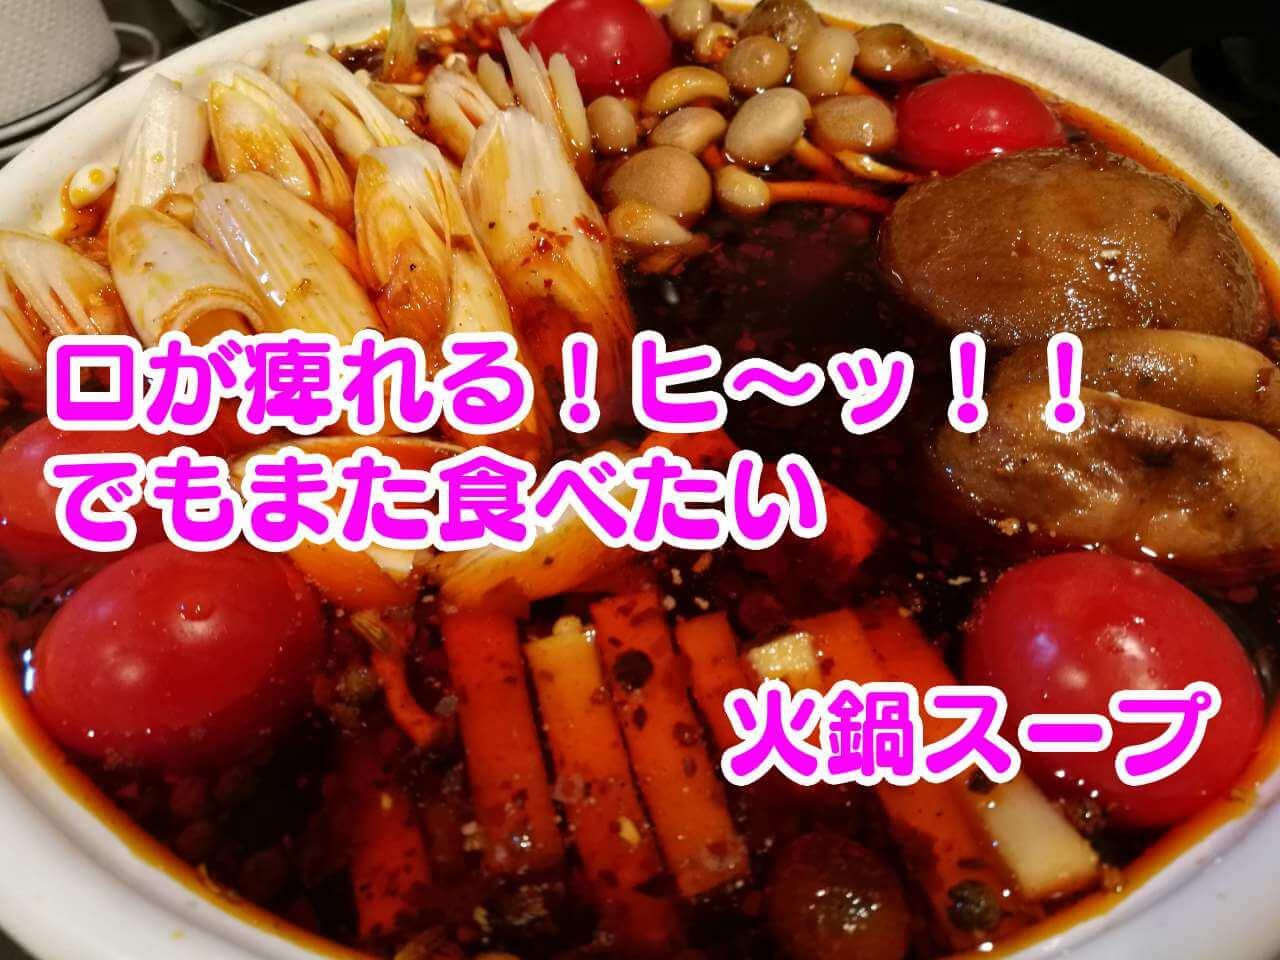 火鍋スープに具材が煮込まれているアイキャッチ